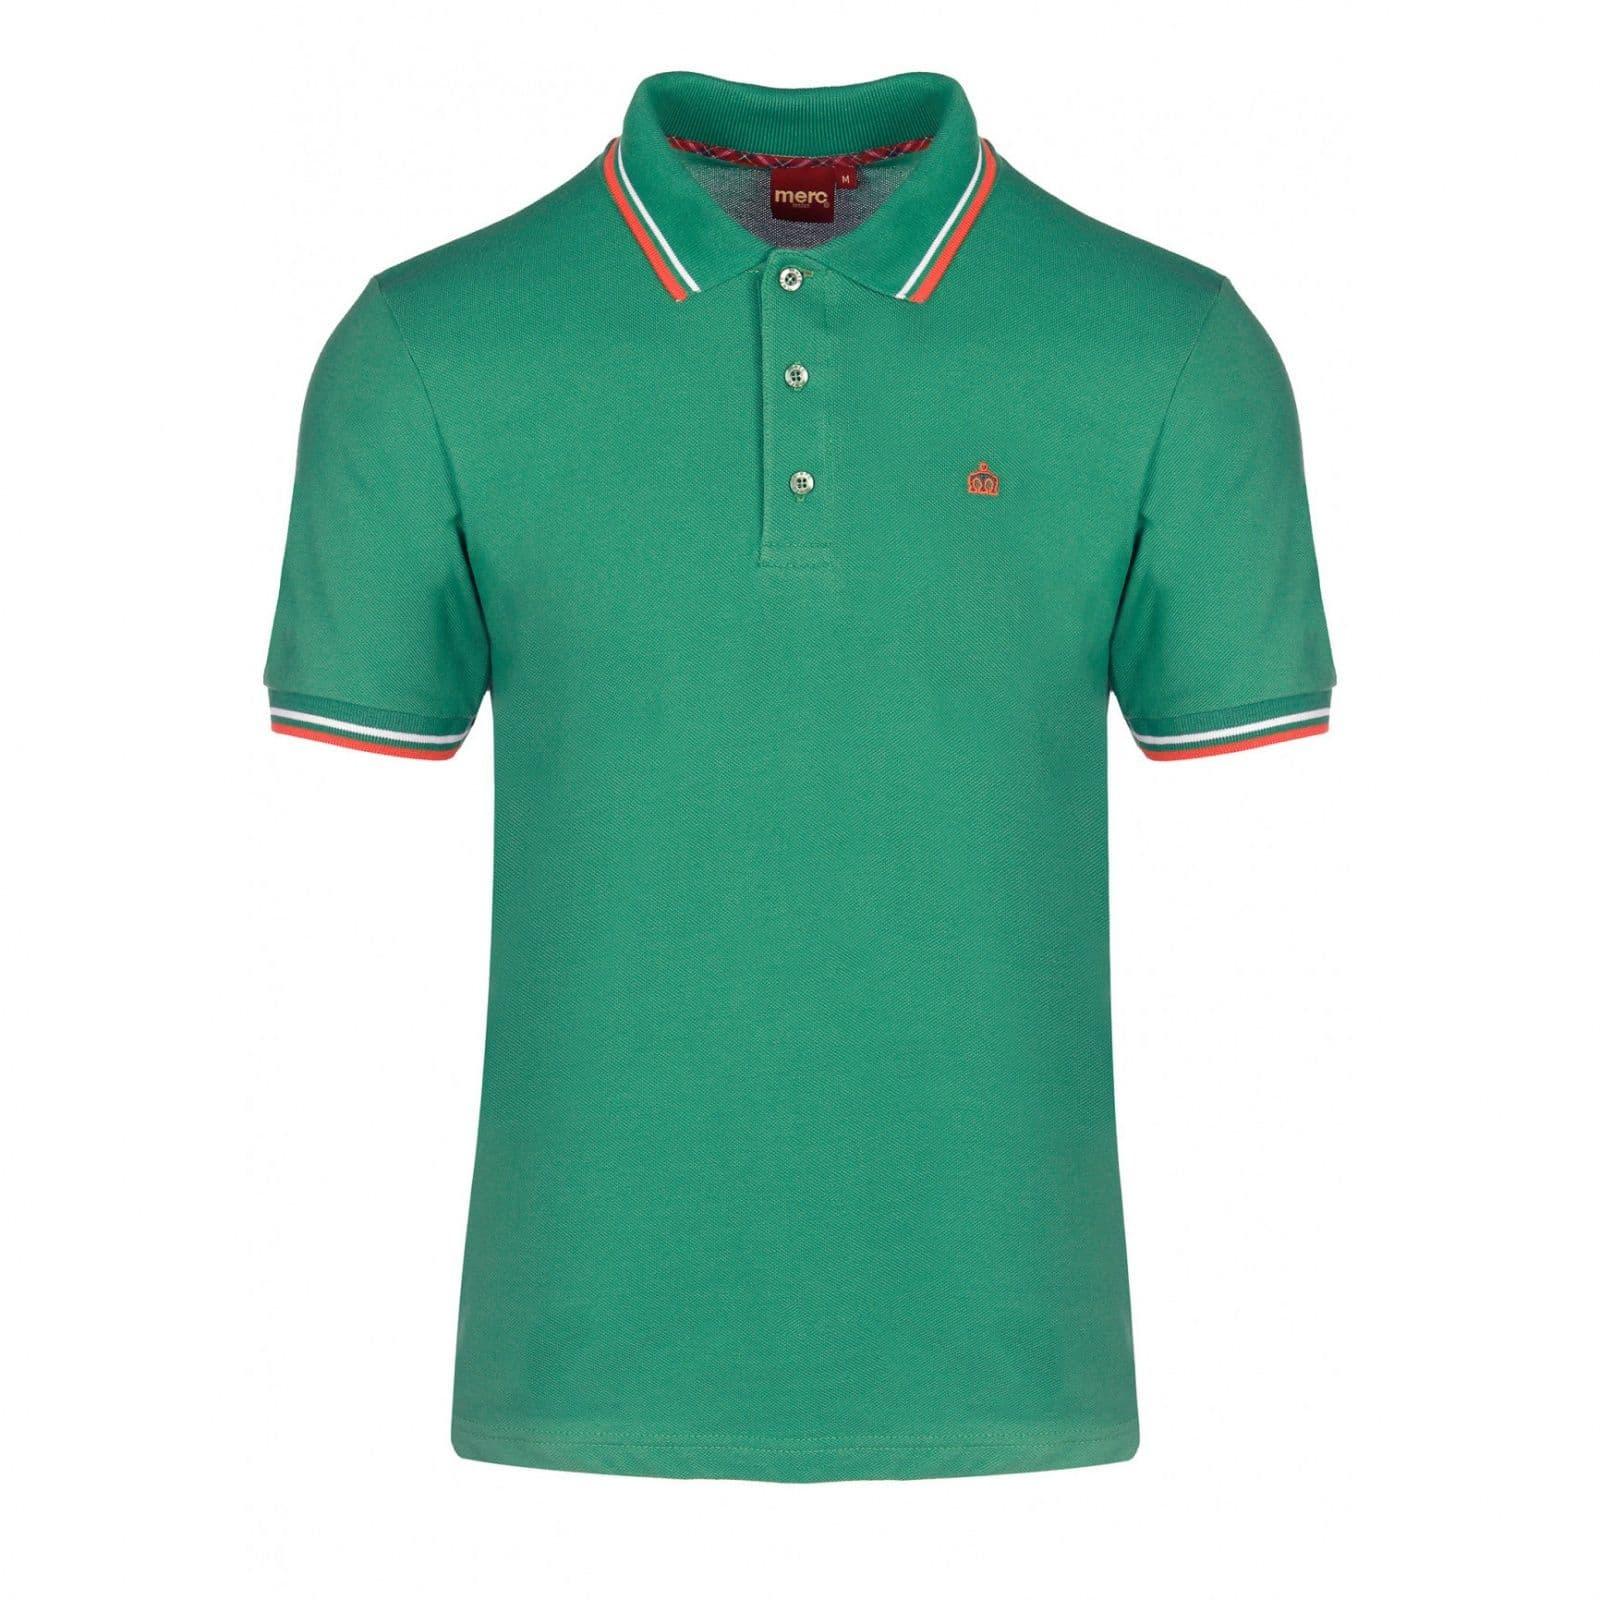 Рубашка Поло CardКлассические<br>Эта легендарная, выпускаемая на протяжении десятилетий мужская модель рубашки поло с коротким рукавом, принадлежащая к базовой всесезонной линии Core, производится из высококачественной хлопковой ткани пике — прочной и долговечной. Аккуратный фирменный логотип Корона привносит британский аристократизм в традиционный лаконичный дизайн, контрастные полосы на воротнике и манжетах артикулируют ретро стиль, а широкая цветовая палитра — от классических белого, черного и синего до утонченного розового, жизнерадостного зеленого и освежающего голубого — поможет подобрать ключ к любому гардеробу. Данное поло можно носить с различного фасона джинсами и брюками, с относительно строгой кэжуальной обувью или кроссовками.<br><br>Артикул: 1906203<br>Материал: 100% хлопок<br>Цвет: зеленый<br>Пол: Мужской